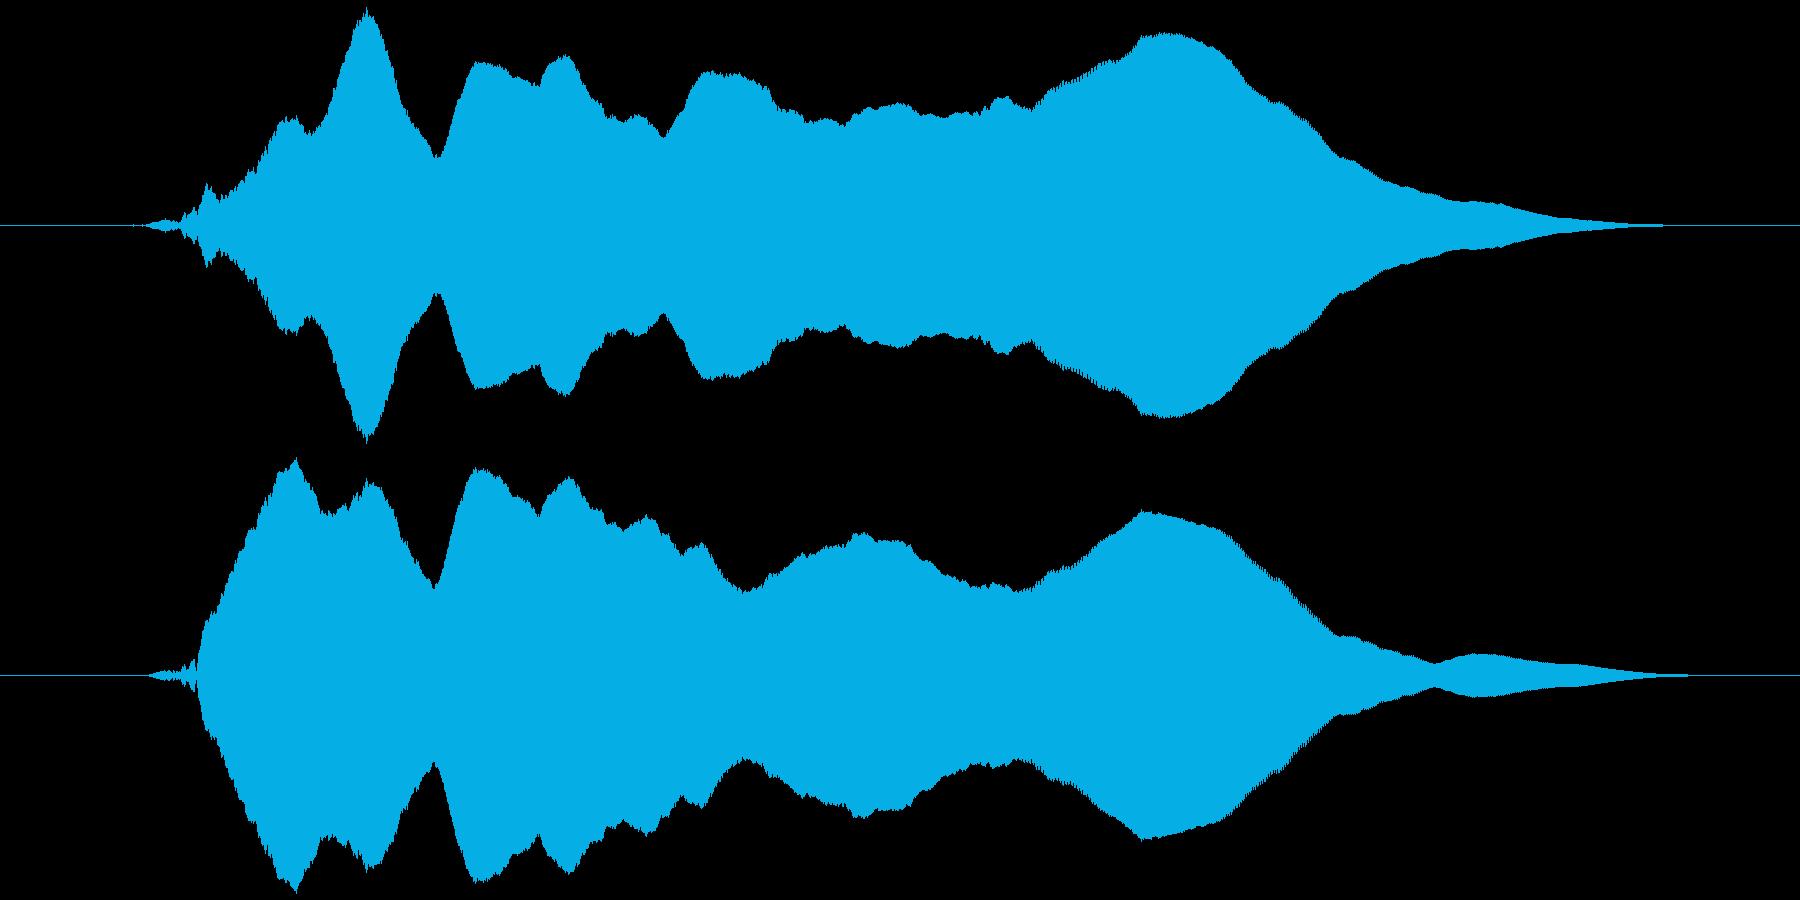 オノマトペ(ゆっくりと下降)ヒヨーォーゥの再生済みの波形